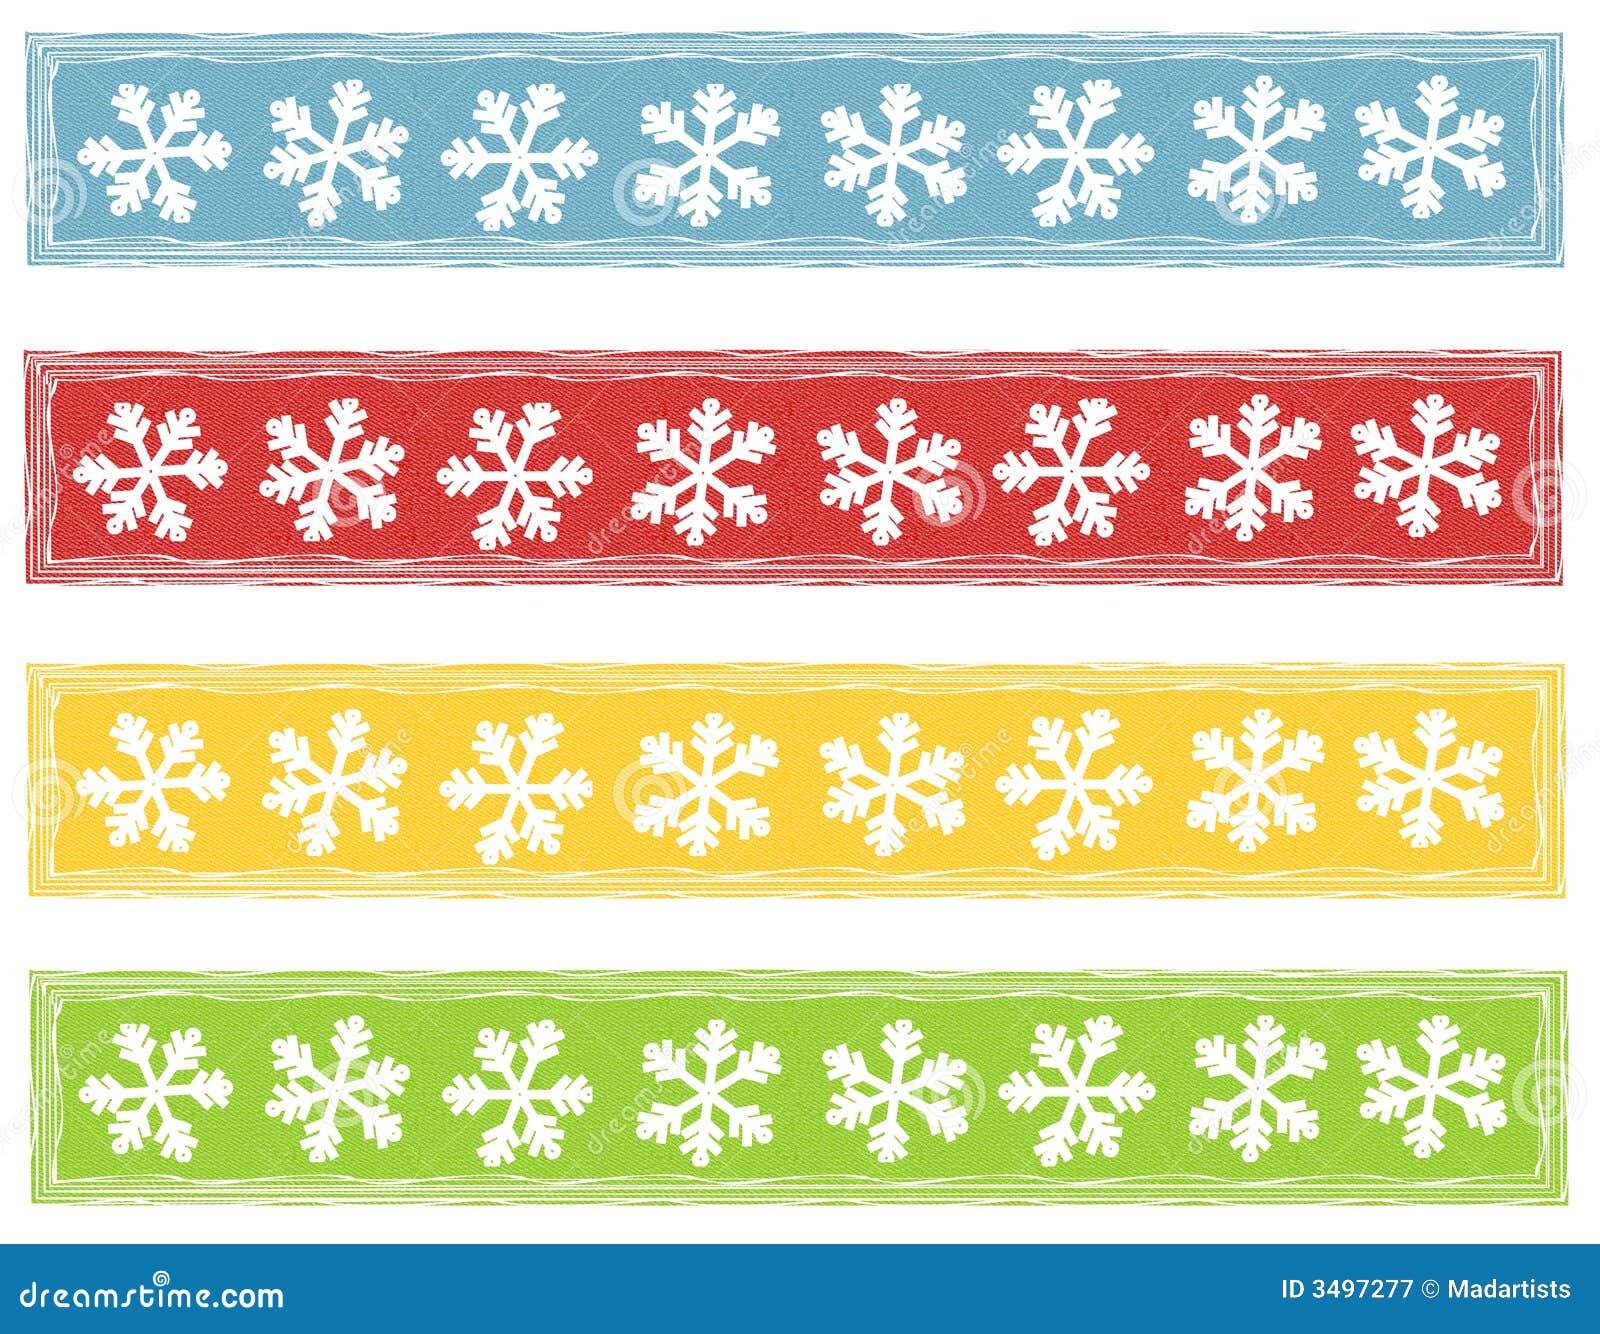 Rustic Snowflake Logos Banners